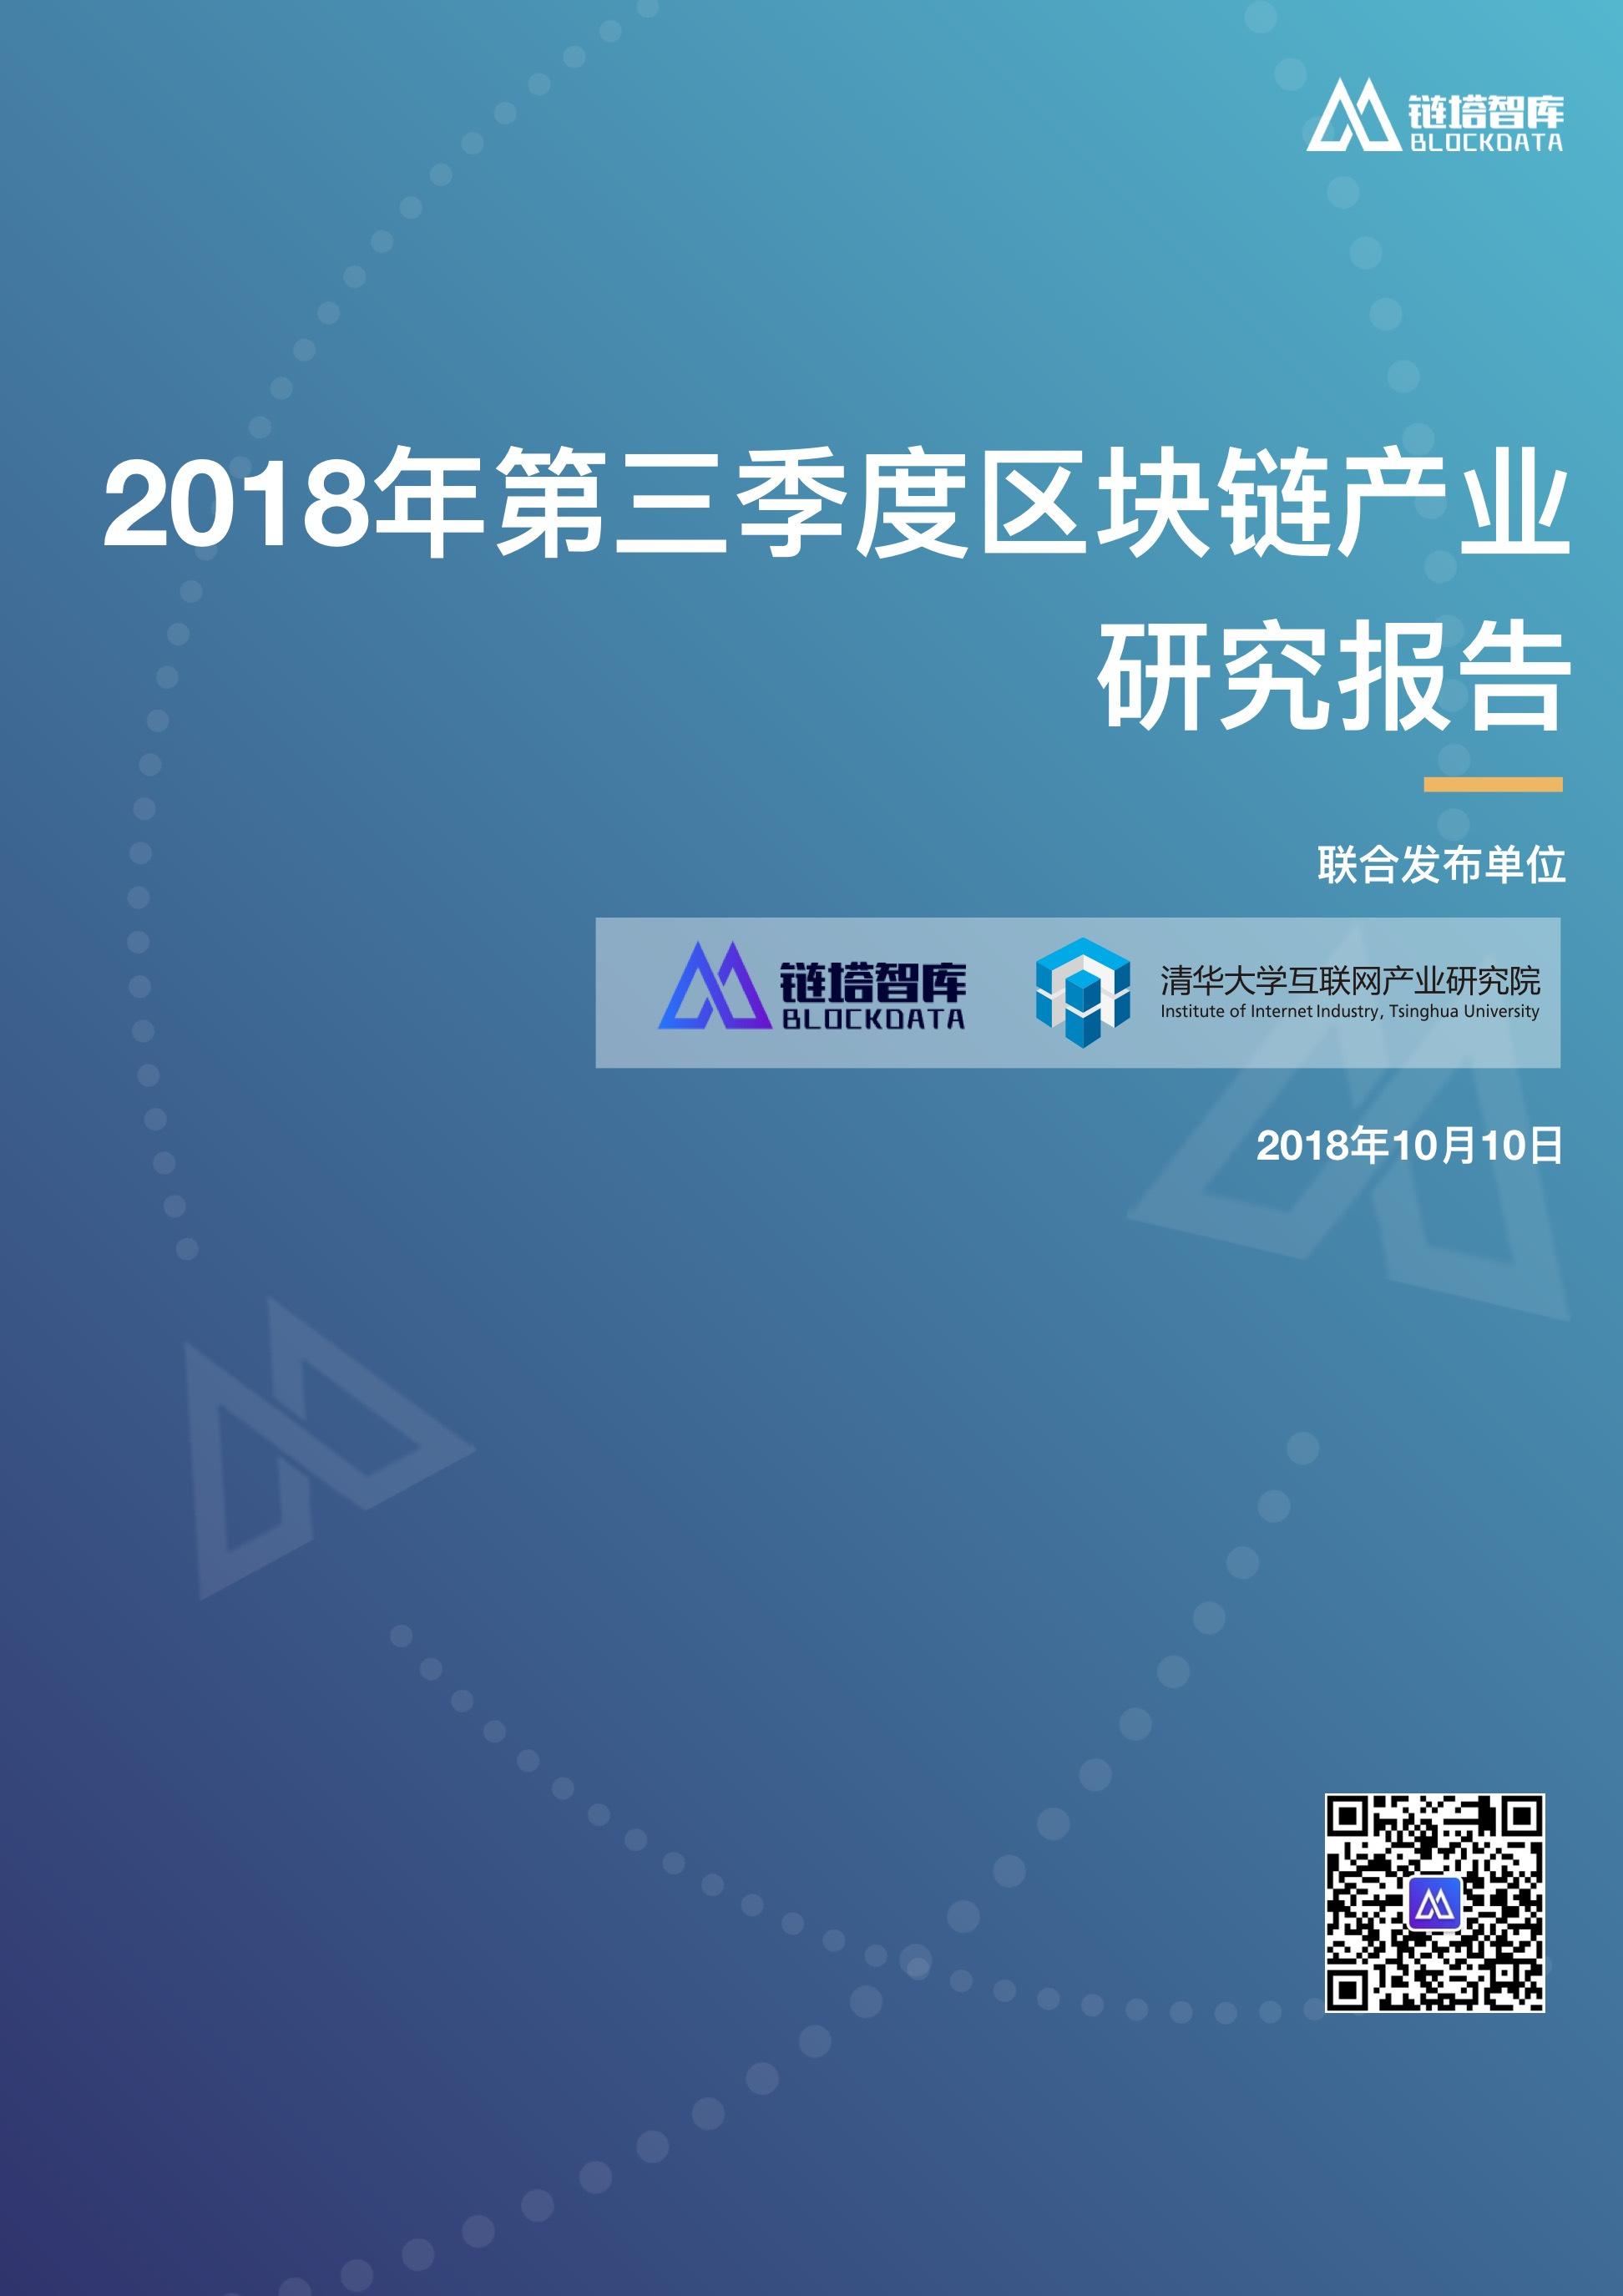 2018年第三季度区块链产业研究报告   链塔智库&清华大学互联